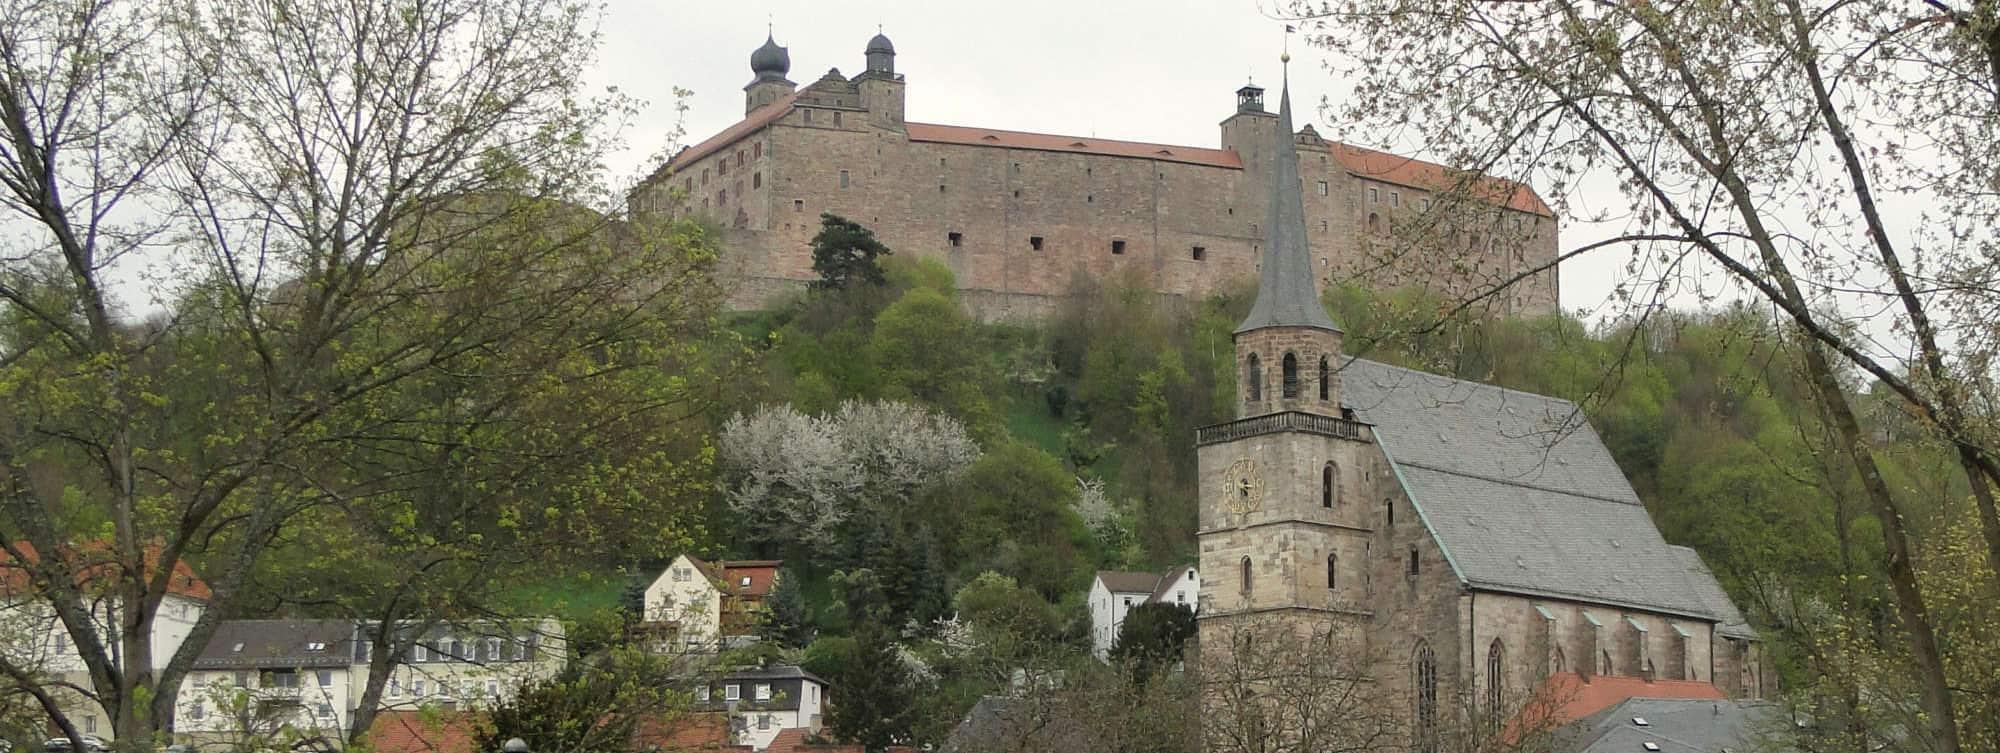 Petrikirche Kulmbach